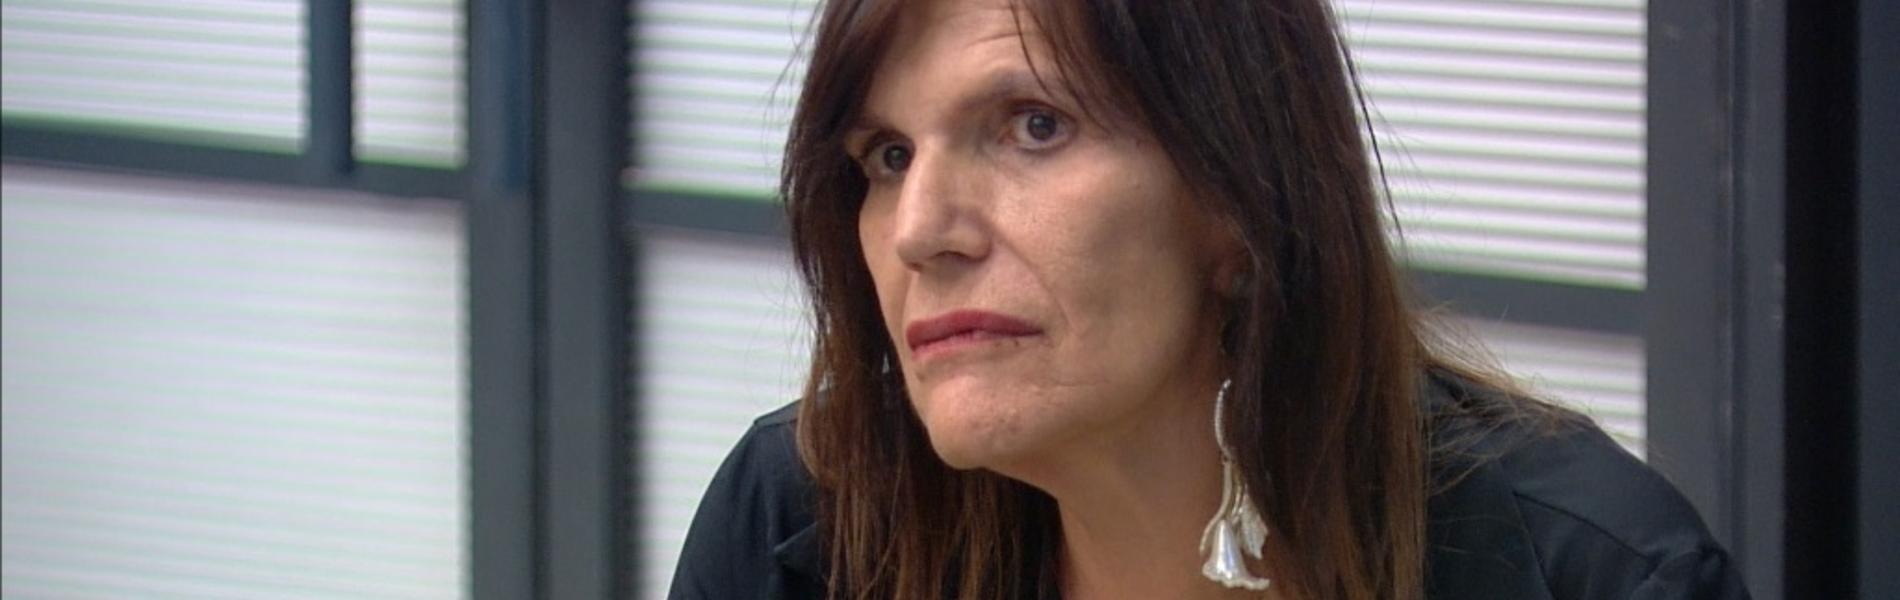 """נרי ליבנה: """"בישראל יש יתרון לגברים"""""""